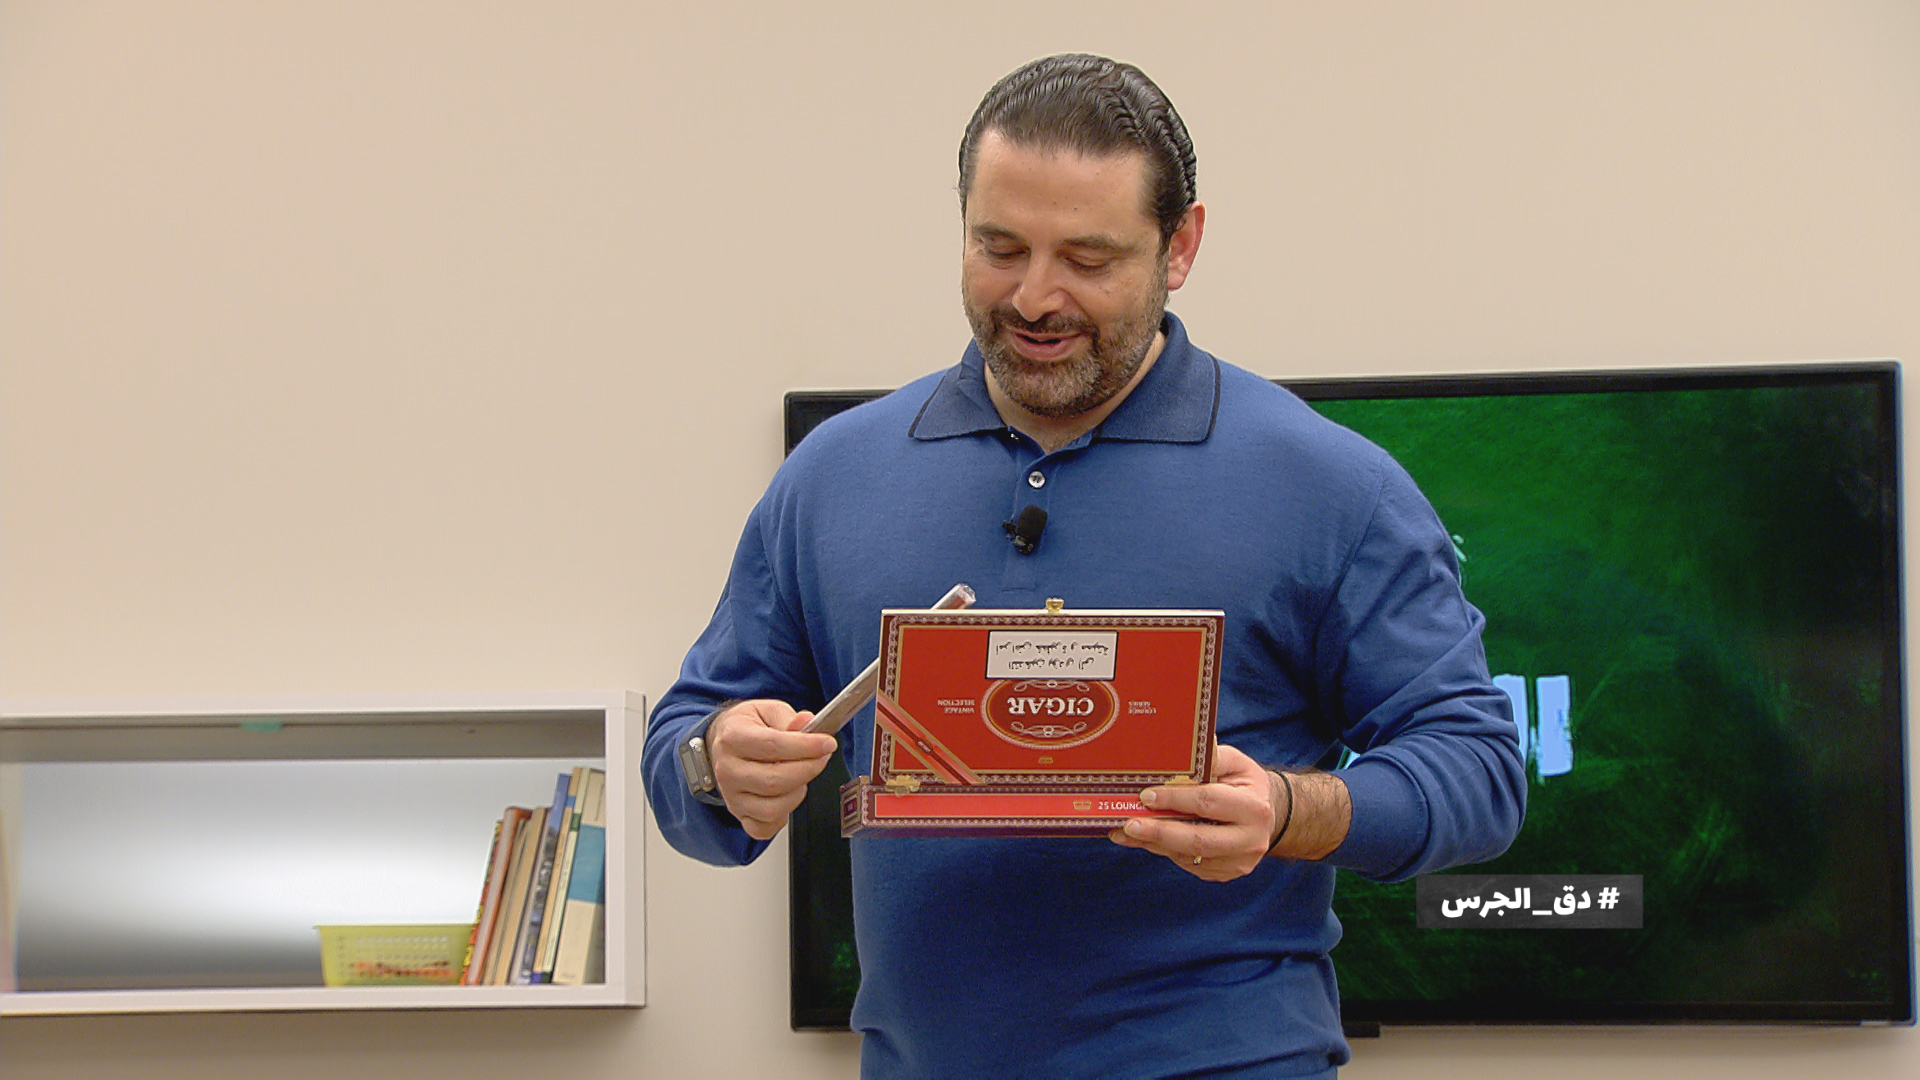 صورة رئيس الحكومة سعد الحريري عراب انطلاقة برنامج دق الجرس MTV